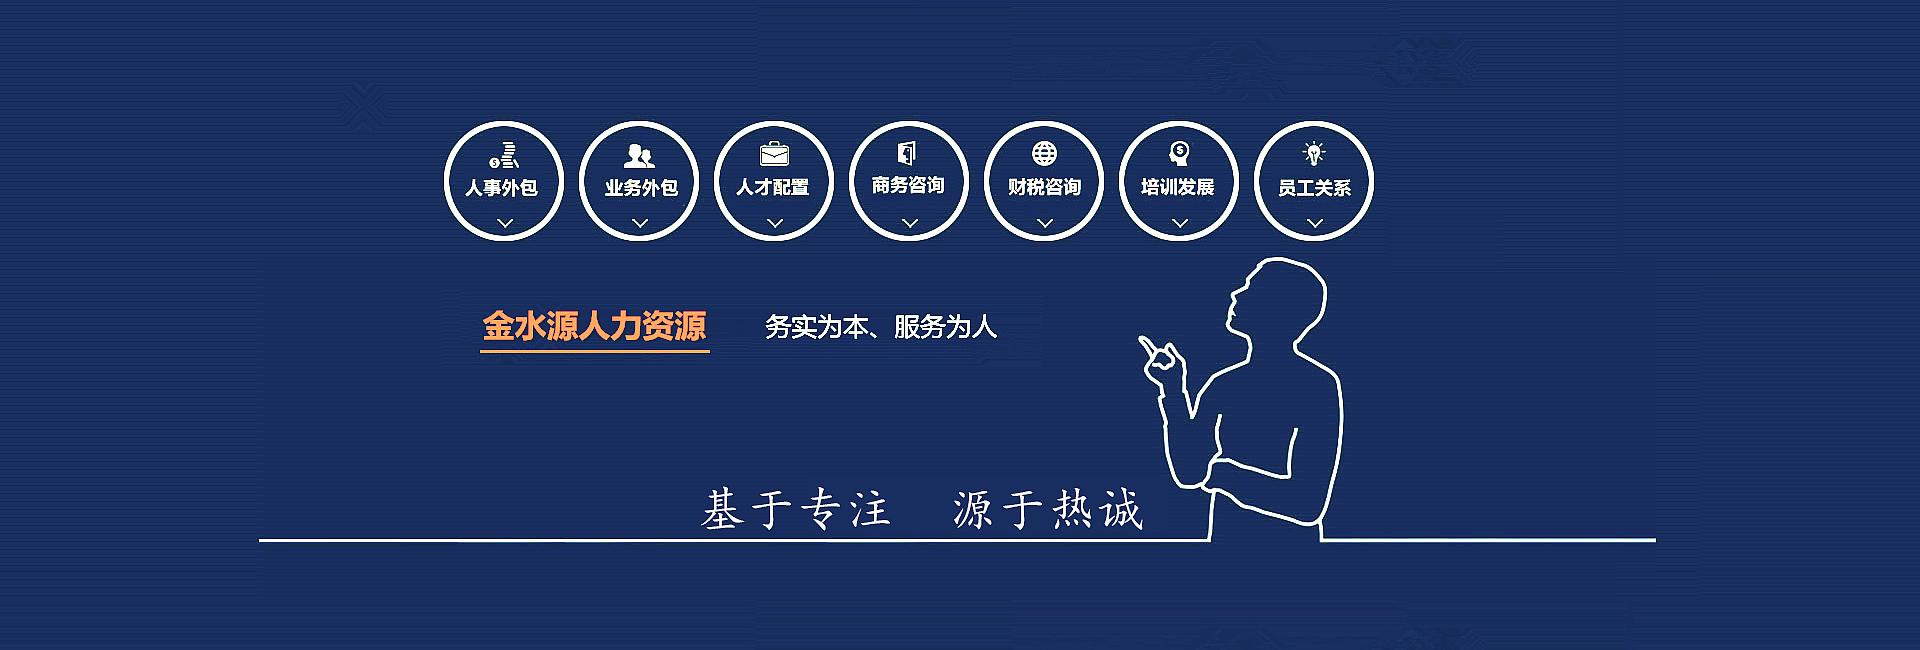 咸阳人力资源服务公司